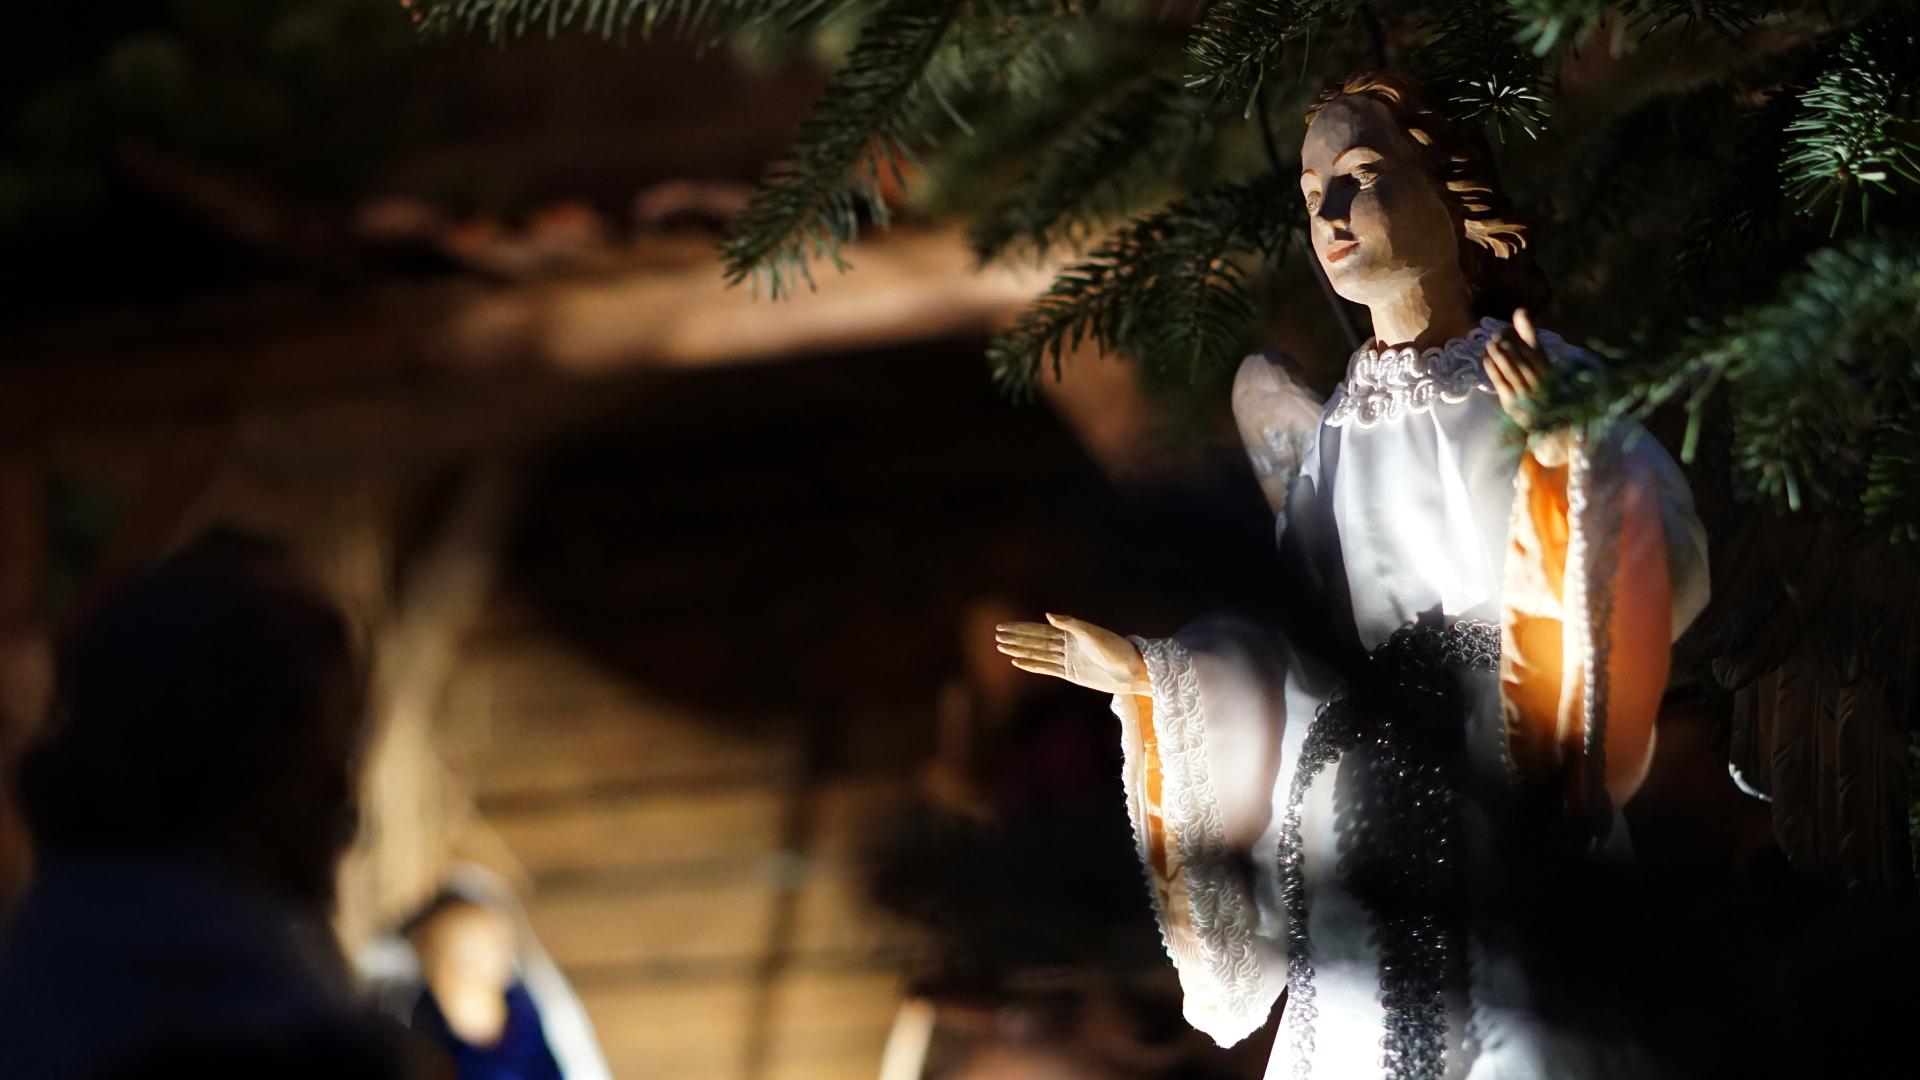 Detailaufnahme Engel — Weihnachten 2017